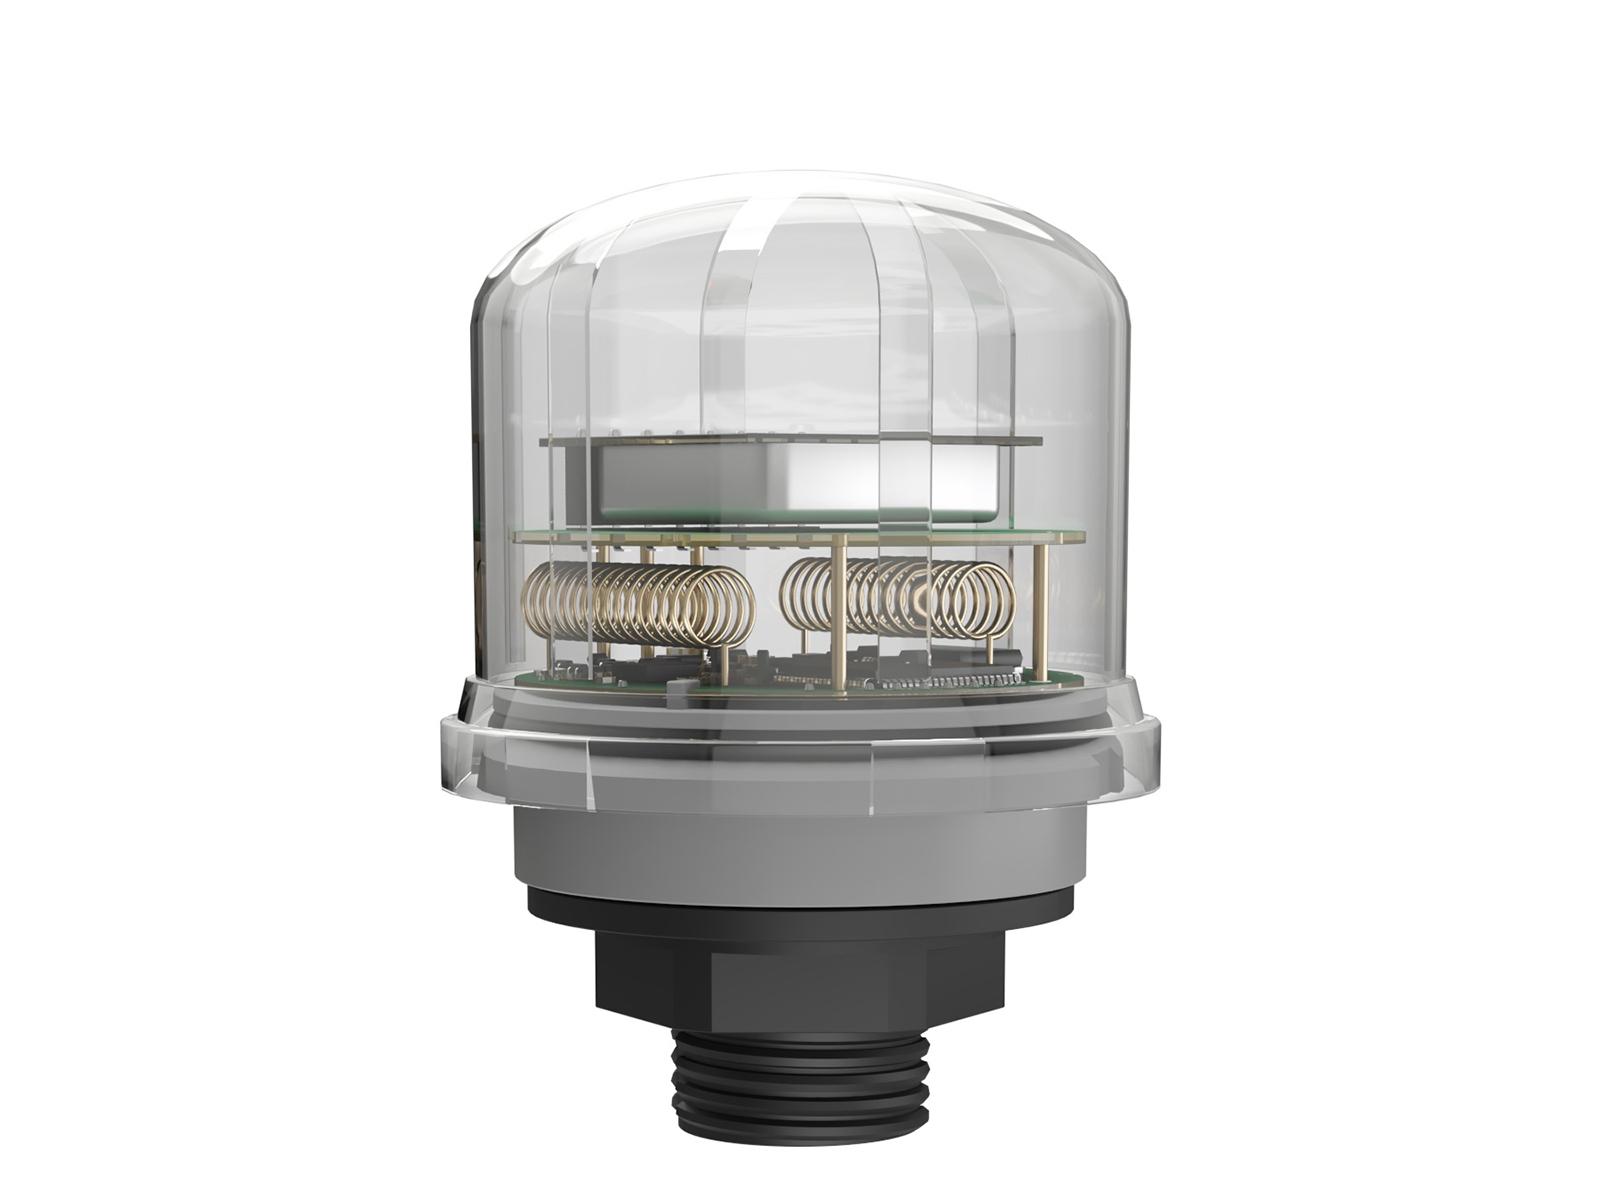 C-NODE 10 NB-iot sensor